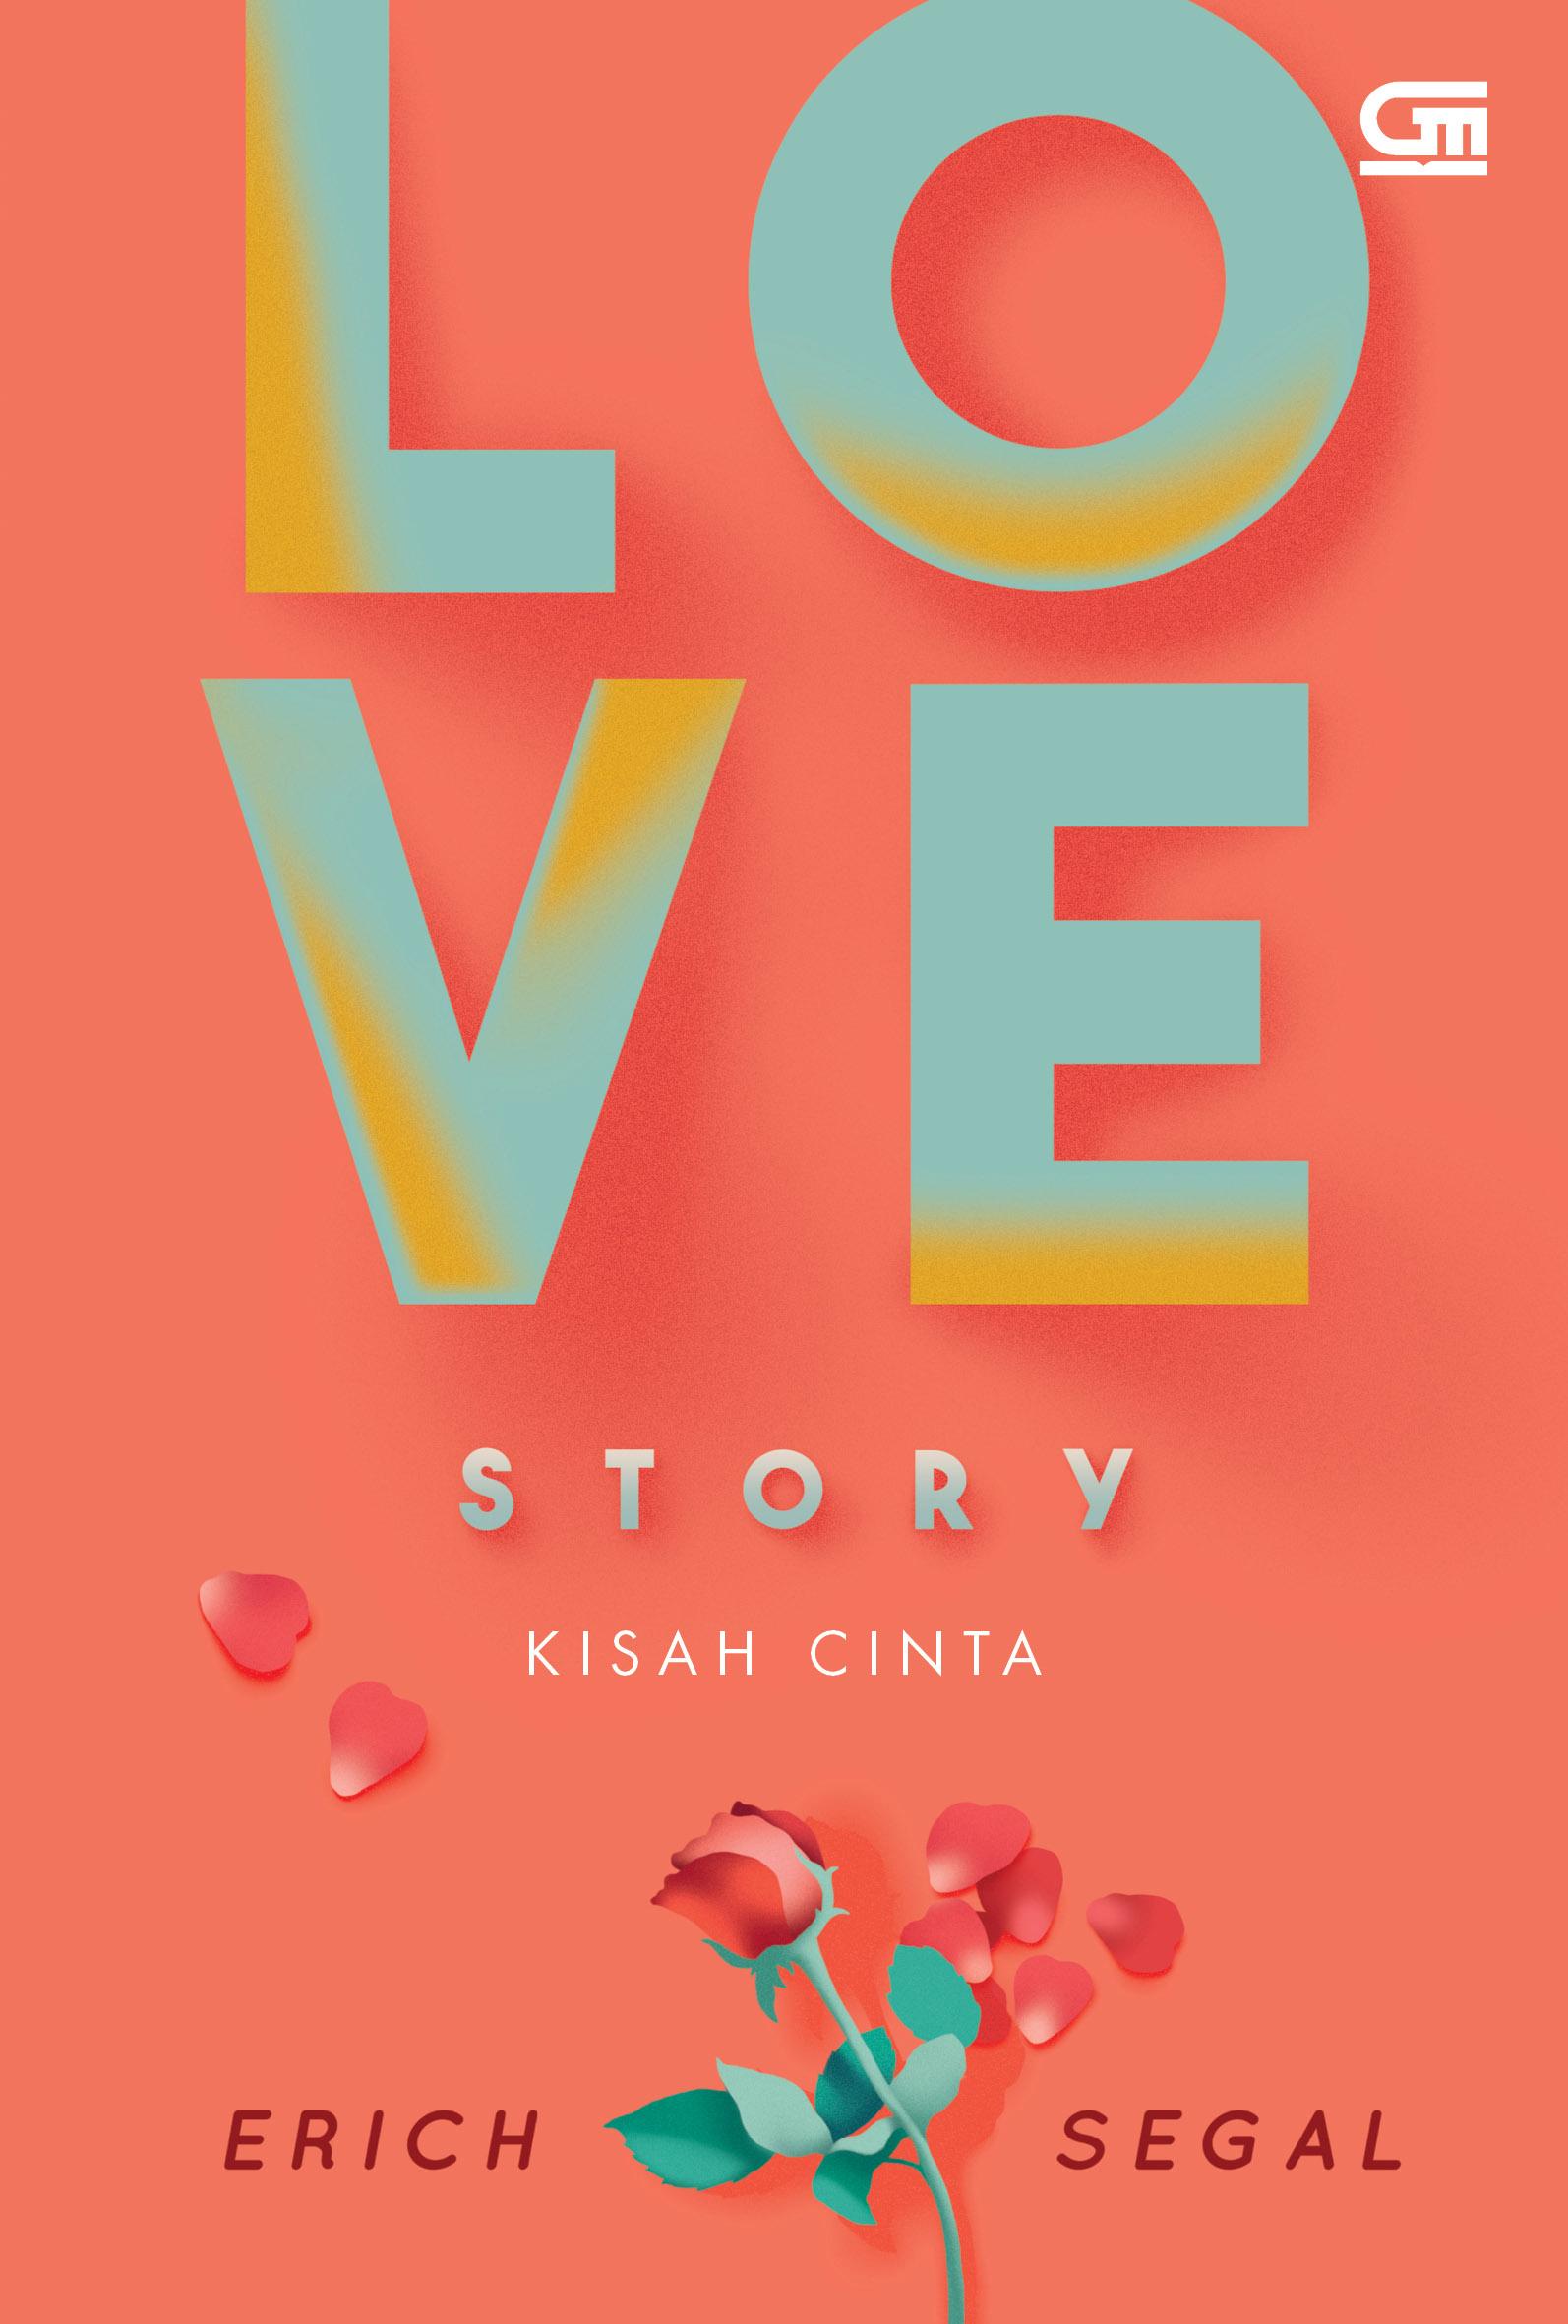 Kisah Cinta (Love Story)